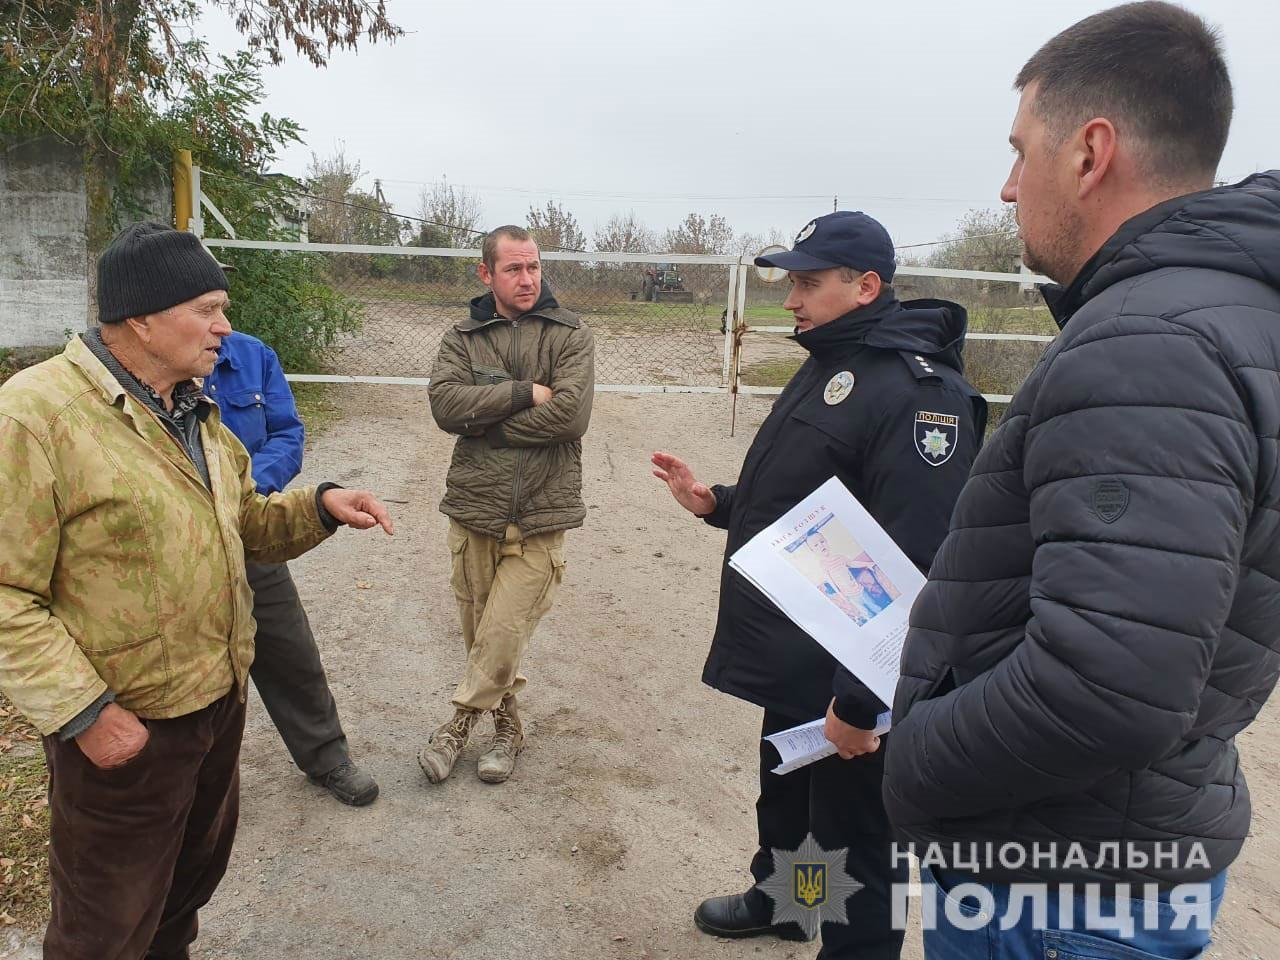 На Днепропетровщине больше 300 человек всю ночь искали 2-летнего мальчика, - ФОТО, фото-3